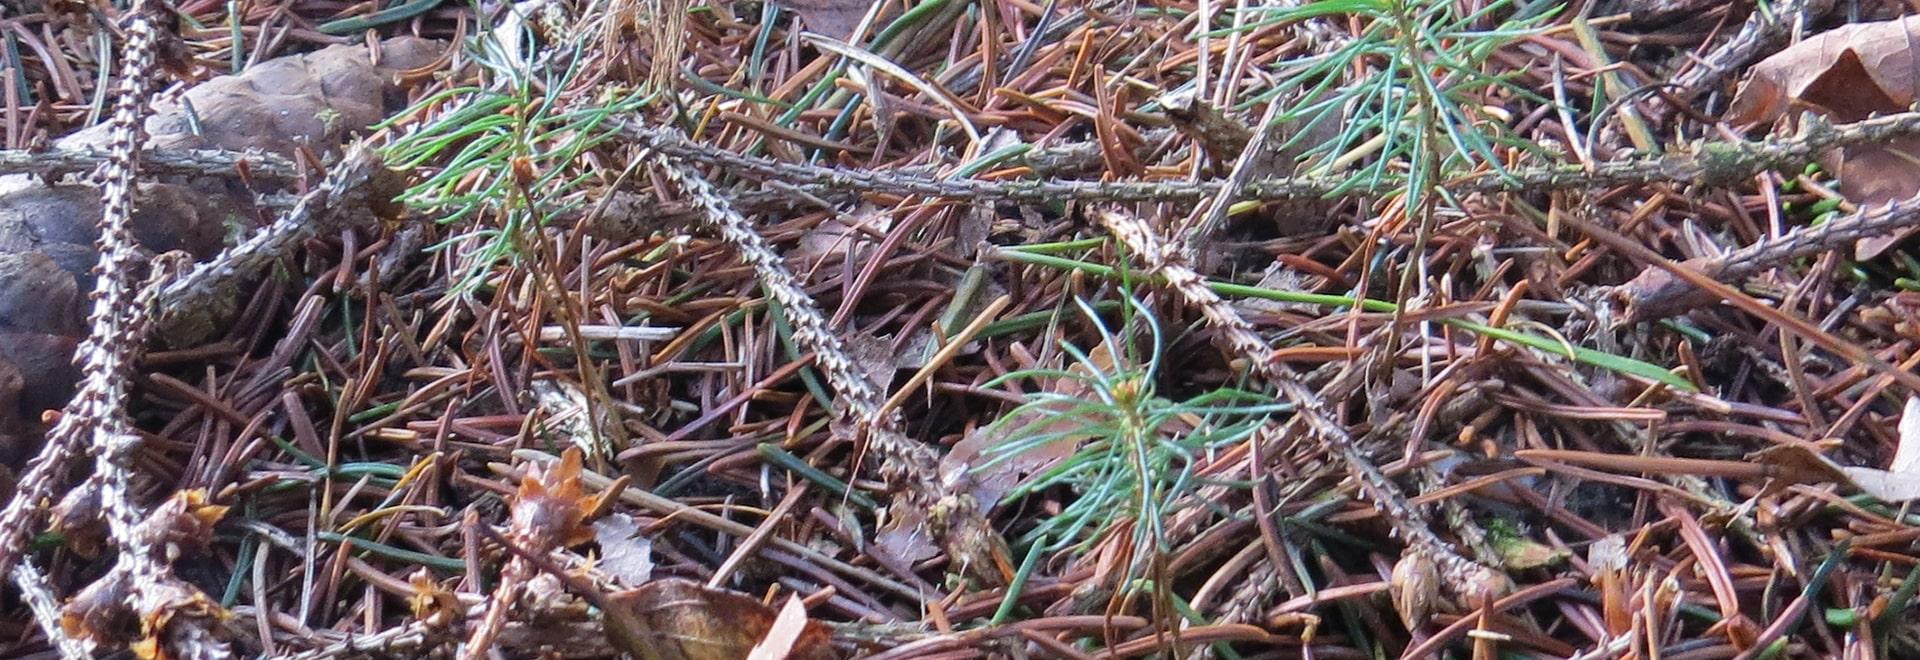 Les jeunes plantes impeccables de treeflow de la campagne publicitaire de preeflow «ont été en attendant libérées».